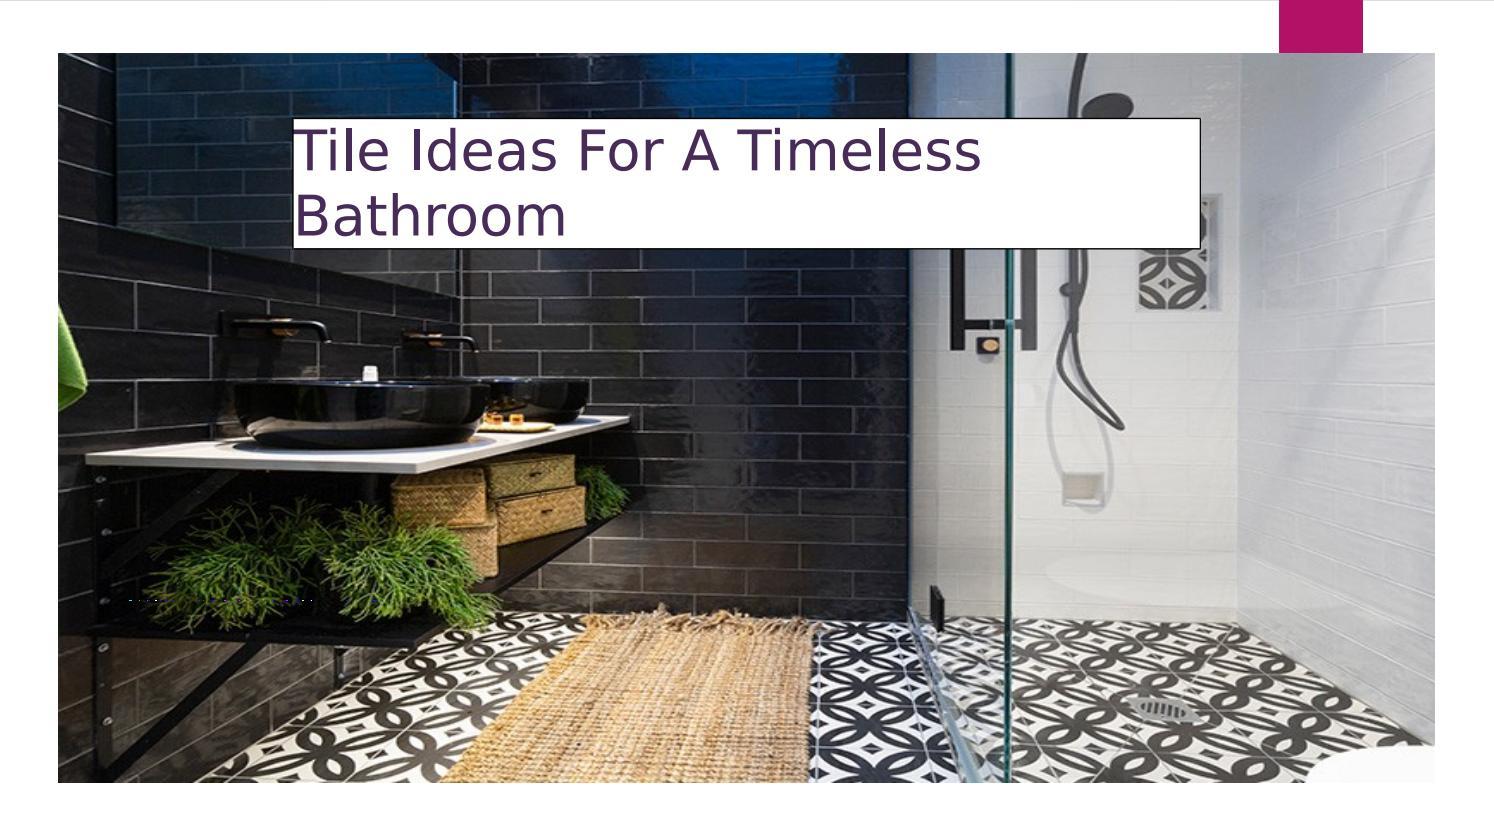 tile ideas for a timeless bathroom by